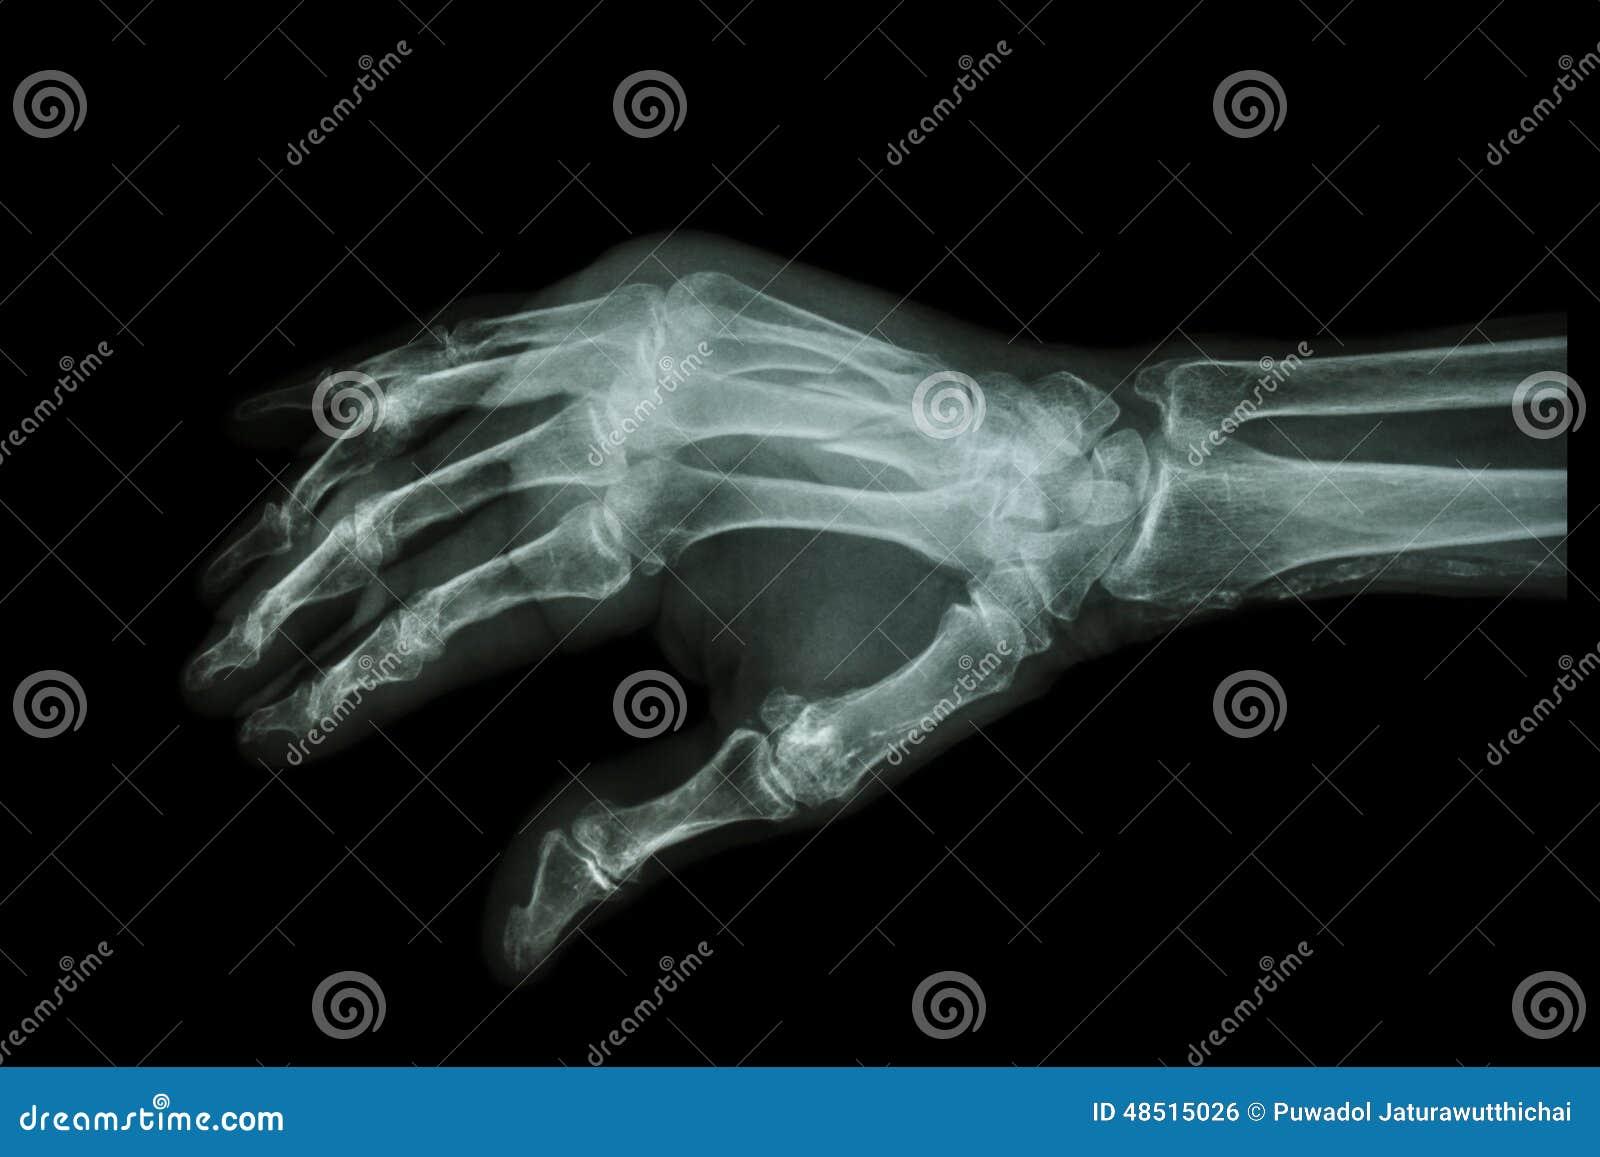 Bruch Am 3. Und 4. Metacarpal Knochen Stockfoto - Bild von knochen ...